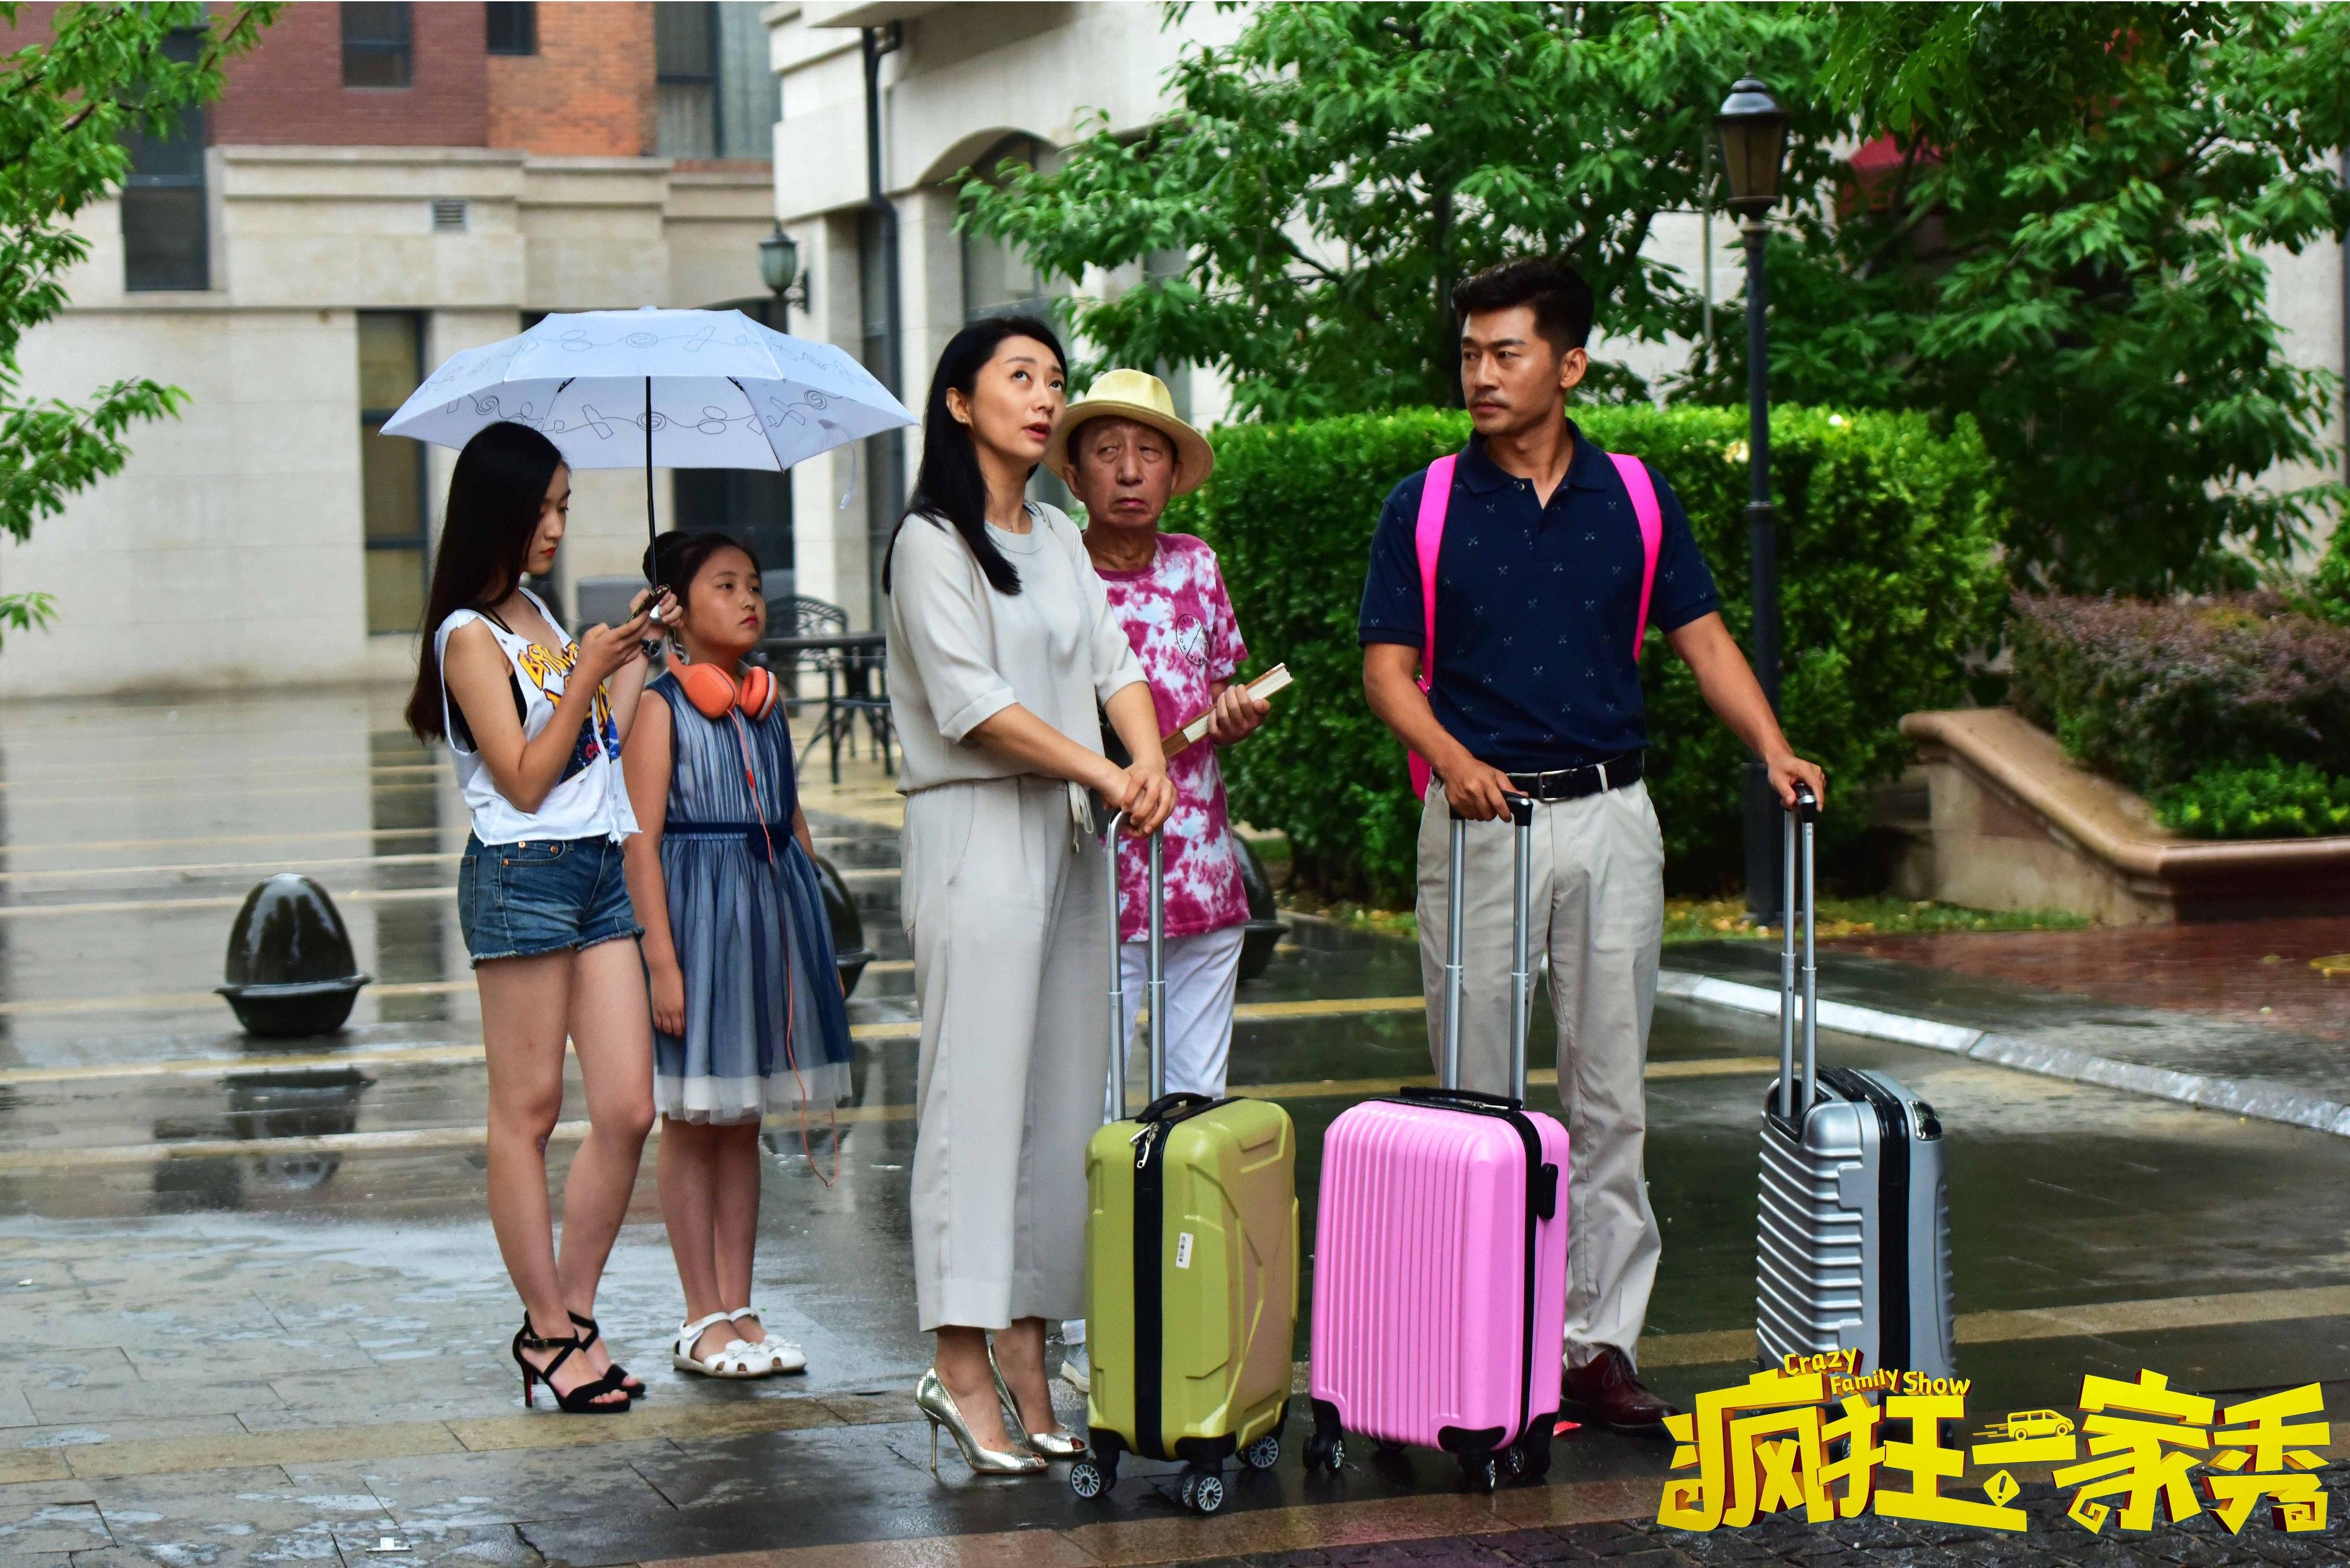 公路喜剧电影《疯狂一家秀》定档8月17日 欢笑在路上